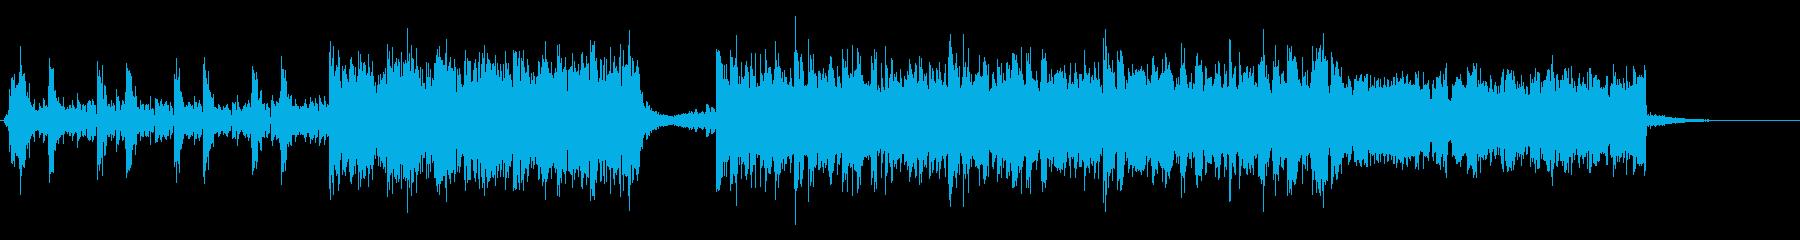 劇伴ロック オーケストラ 60秒バンド版の再生済みの波形